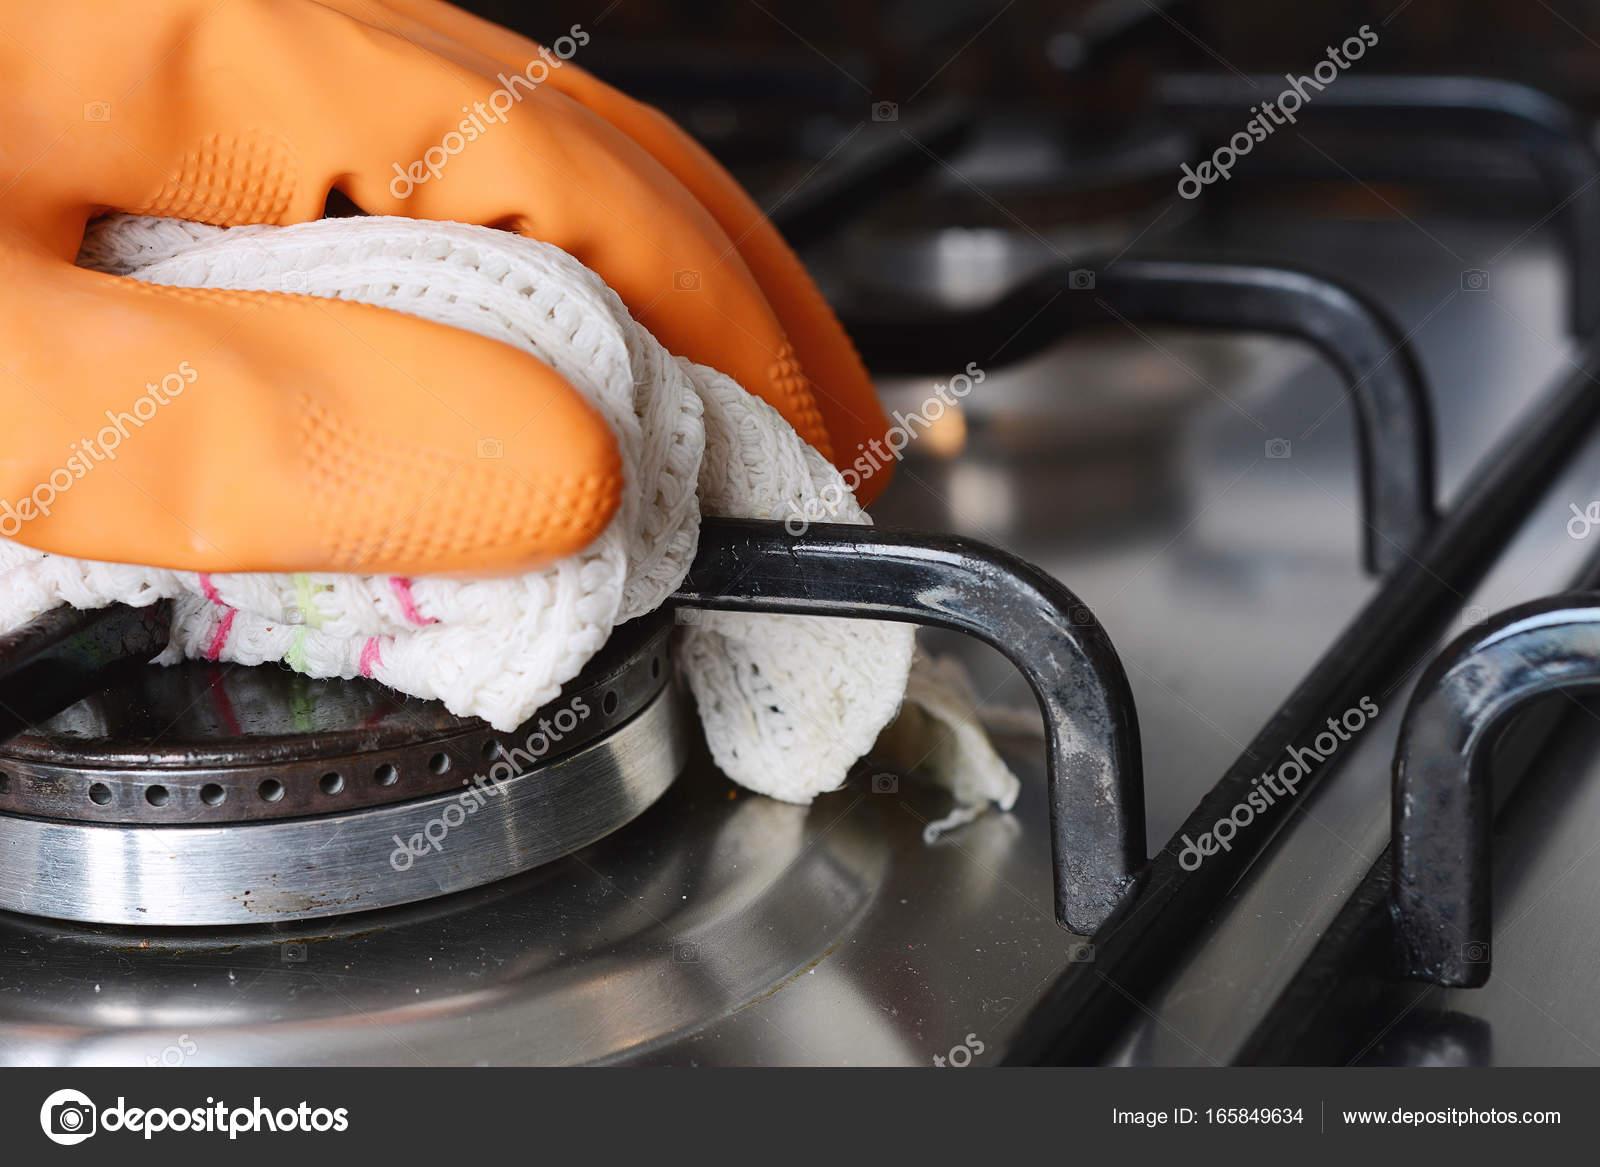 Nahaufnahme Der Hande In Gummihandschuhe Kochfeld Reinigung